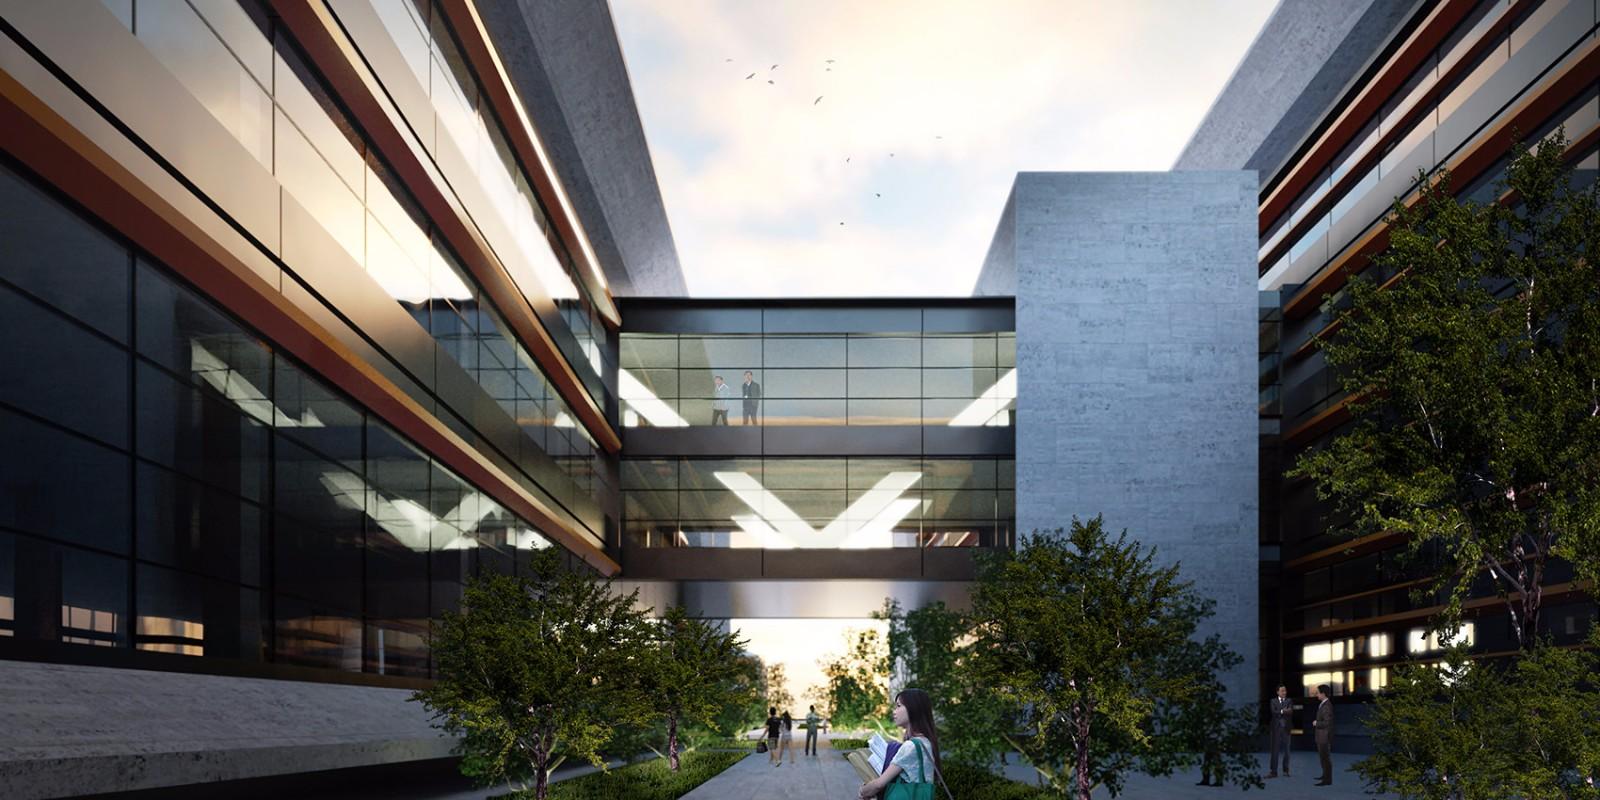 浙江西湖大学校园总体规划及建筑设计方案/HENN